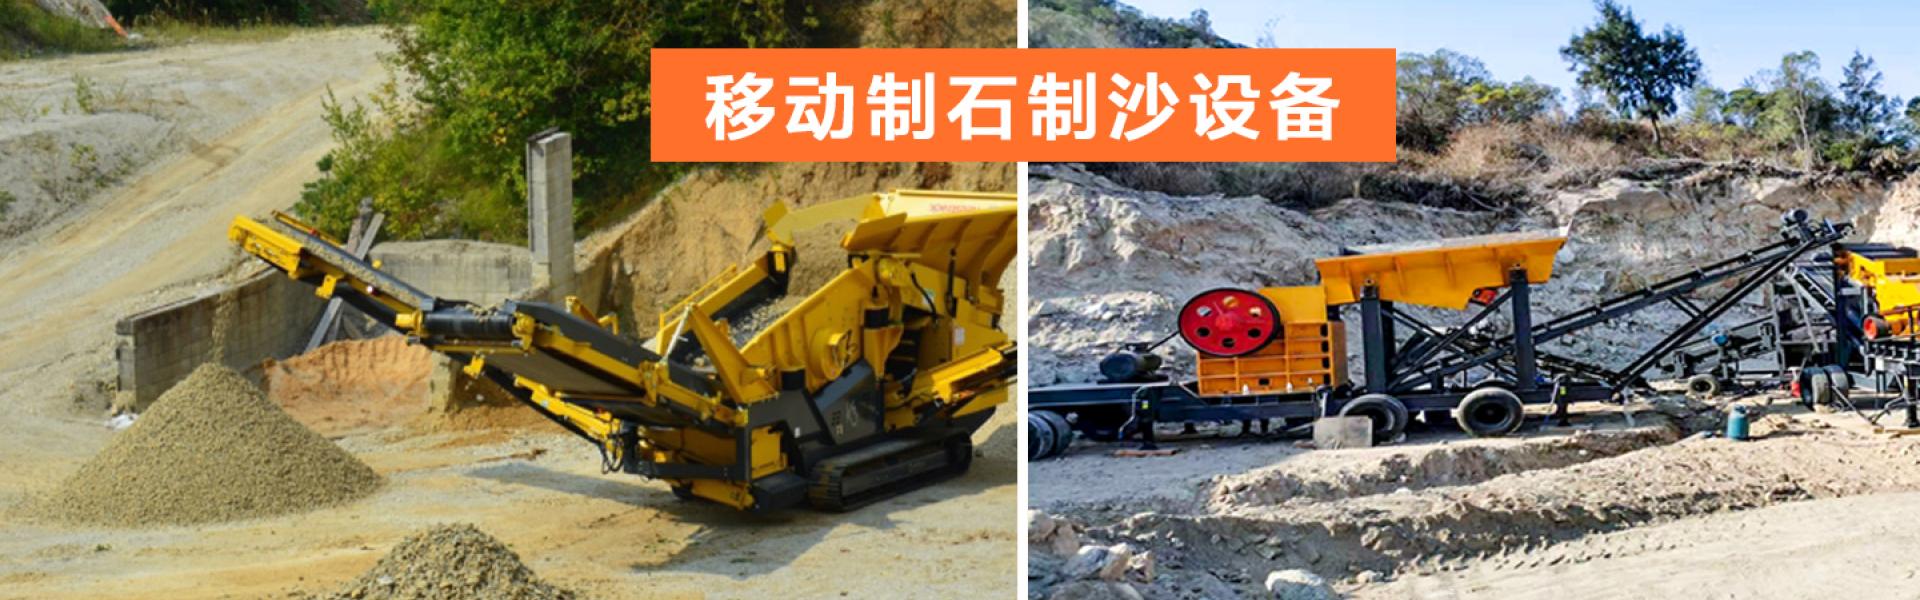 广强机械专业制作,移动制石制沙设备,移动破碎机